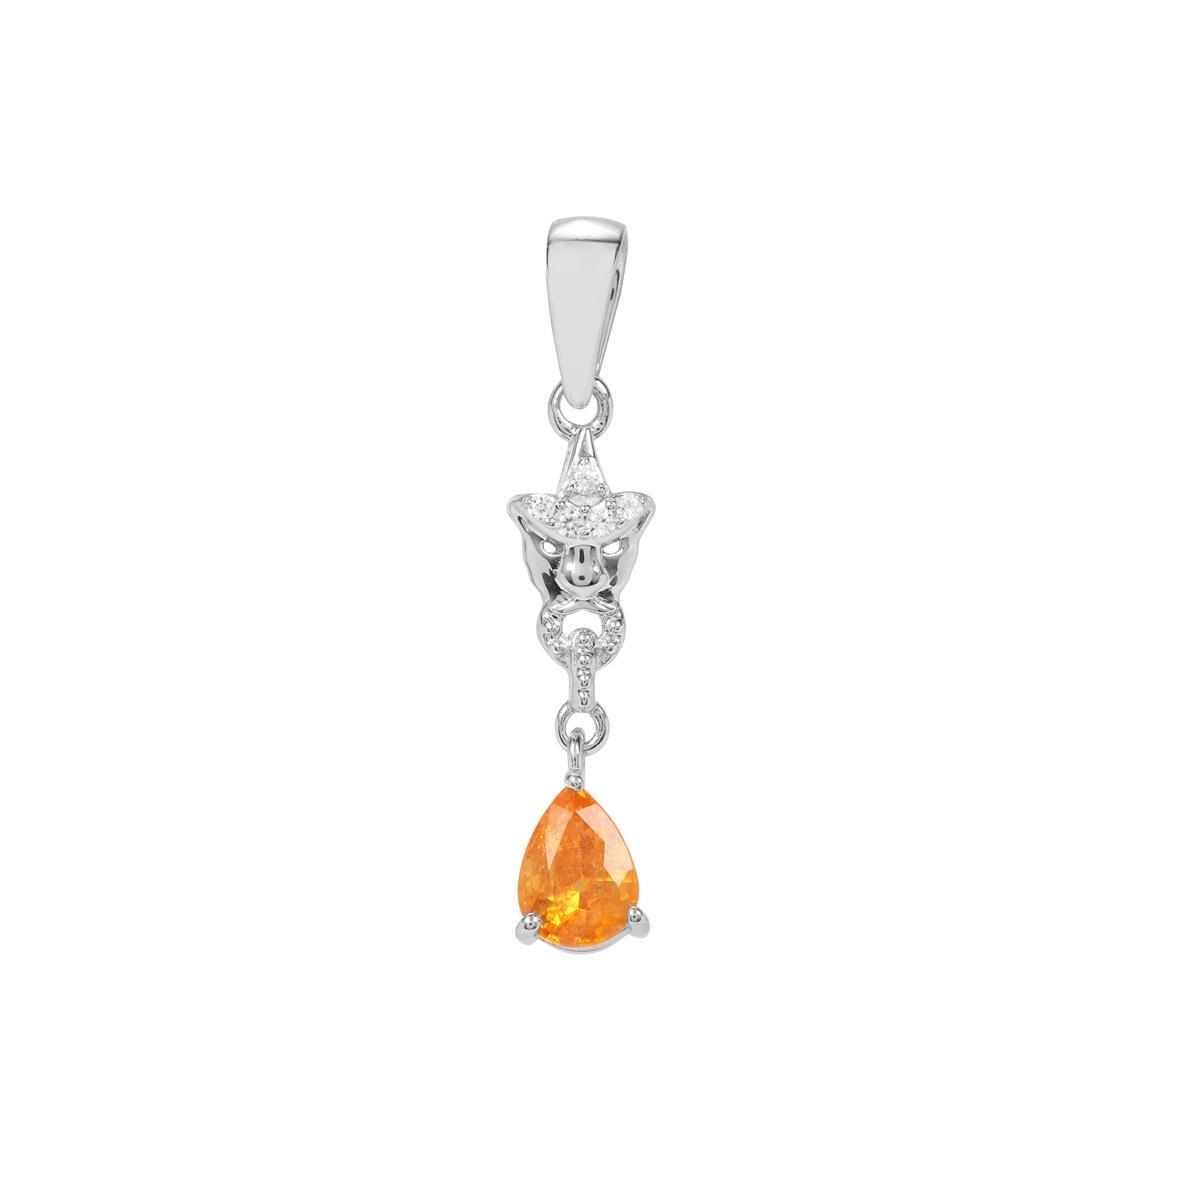 925 Sterling Silver Women Jewelry Garnet Quartz Pendant aS49386